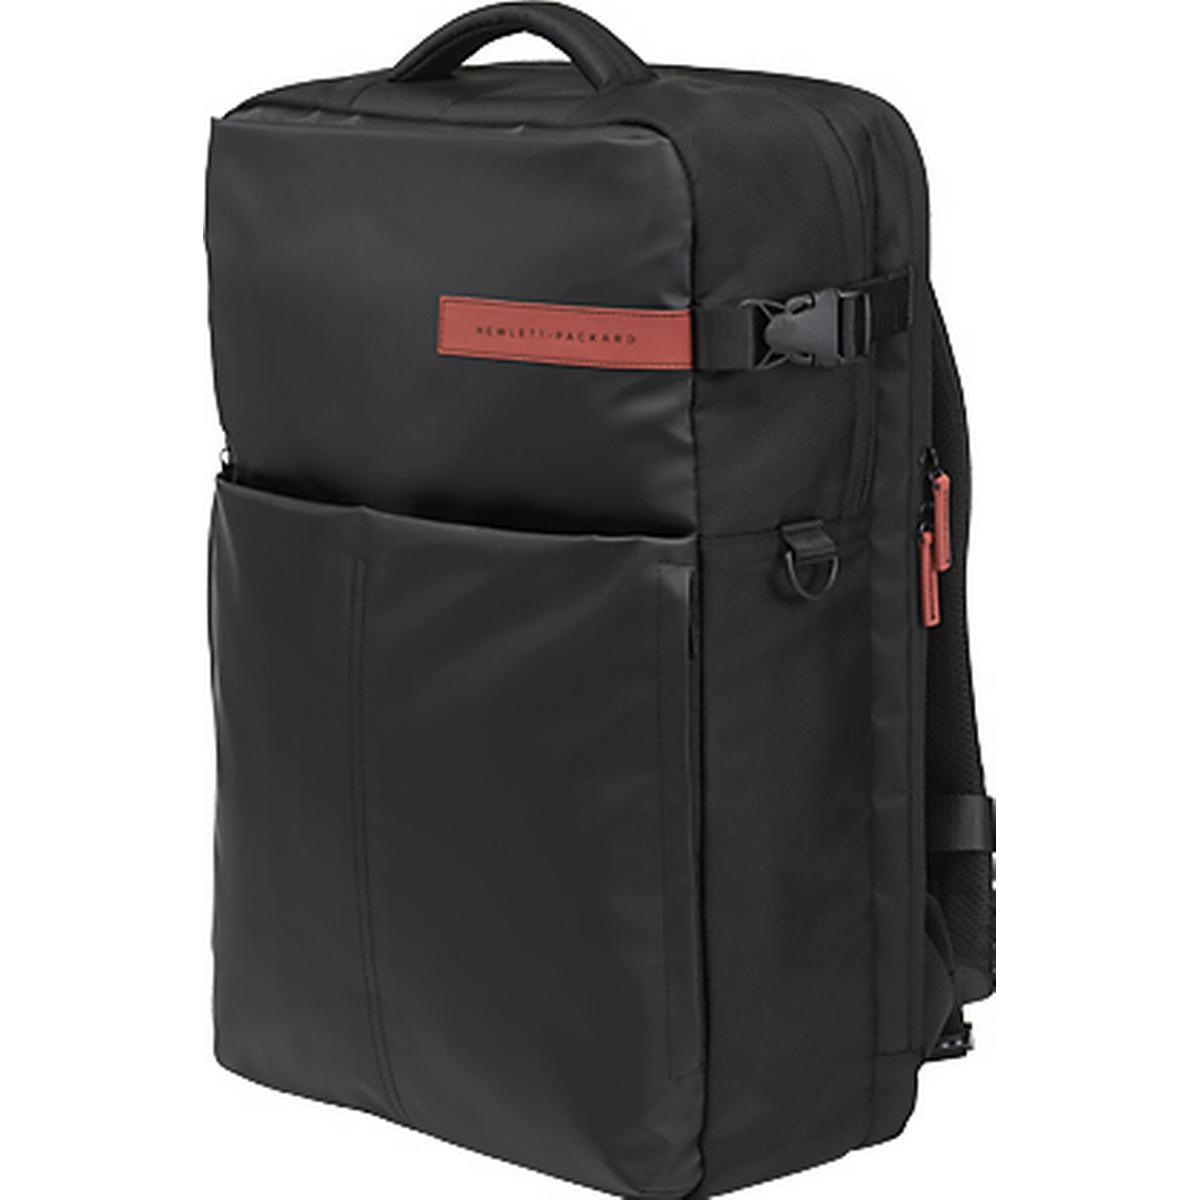 Hp omen väska • Hitta det lägsta priset hos PriceRunner nu »